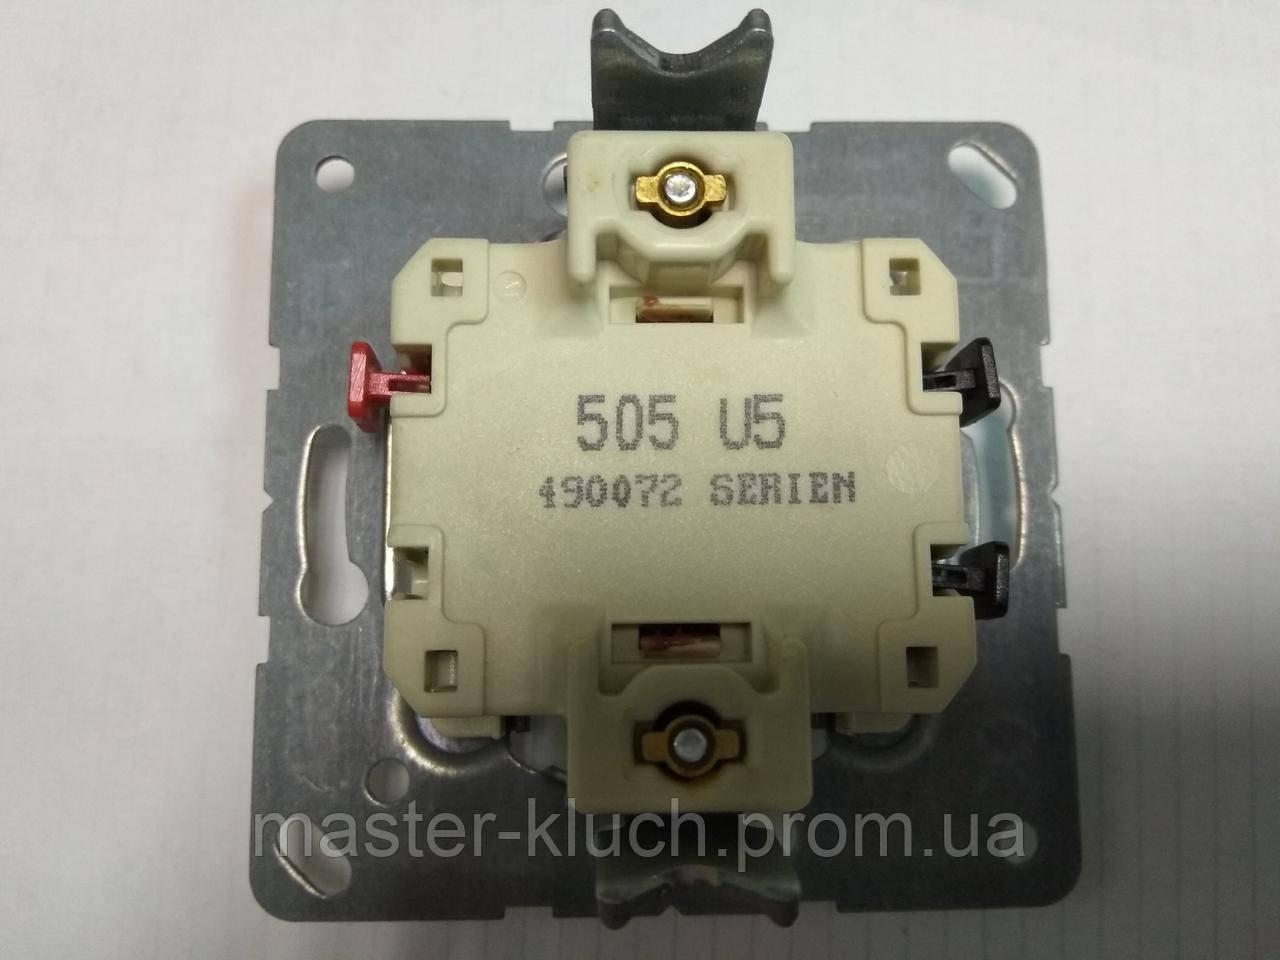 Выключатель двухклавишный с подсветкой Jung 505 U5 механизм